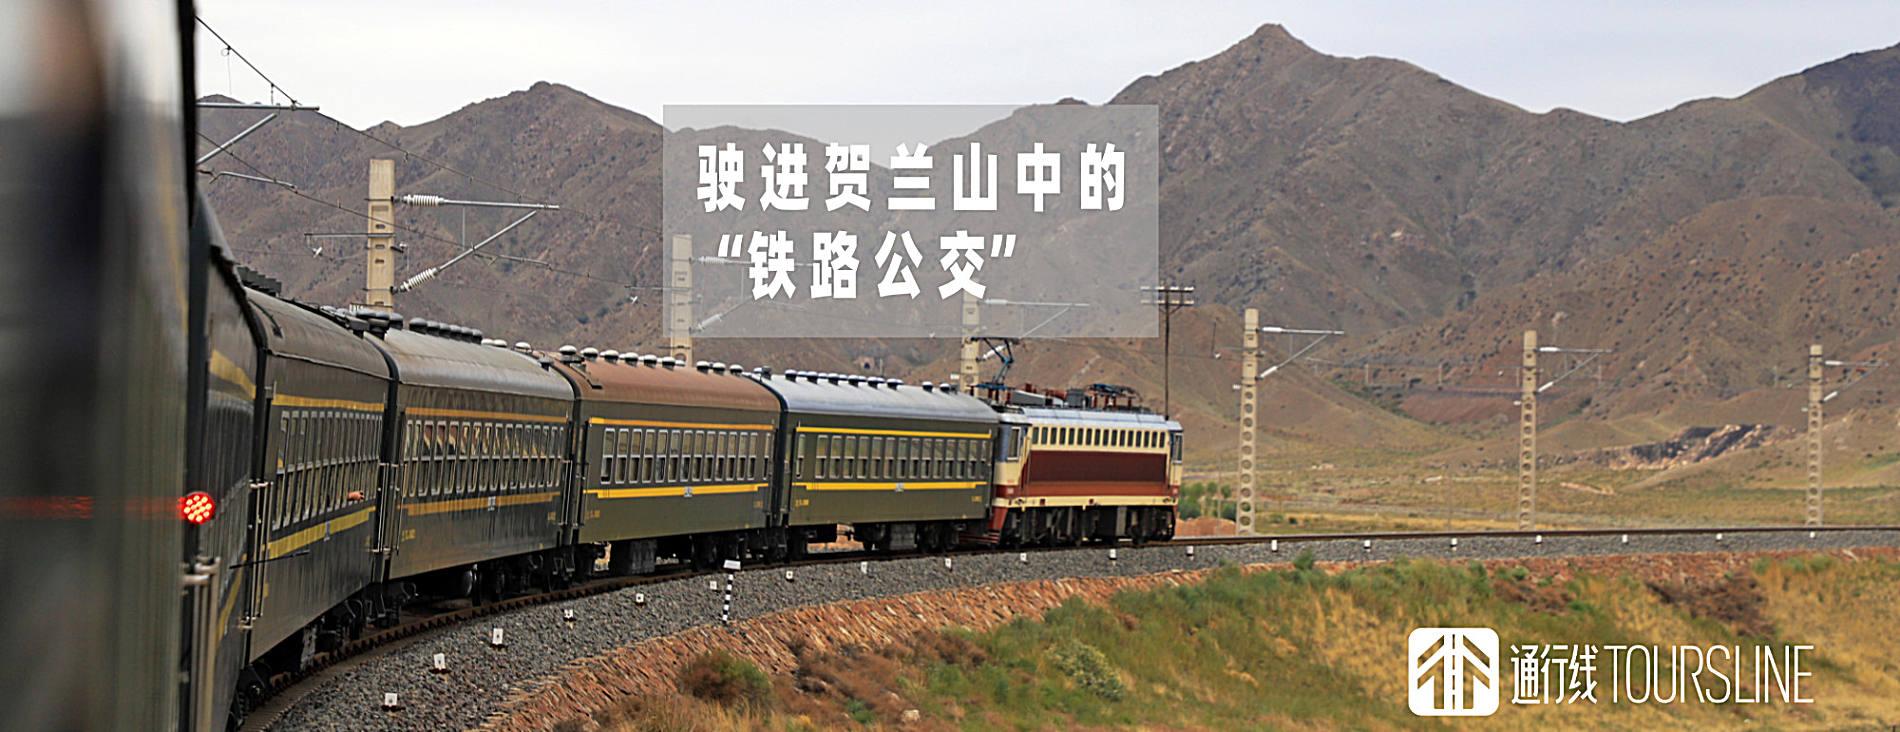 """驶进贺兰山中的""""铁路公交"""""""